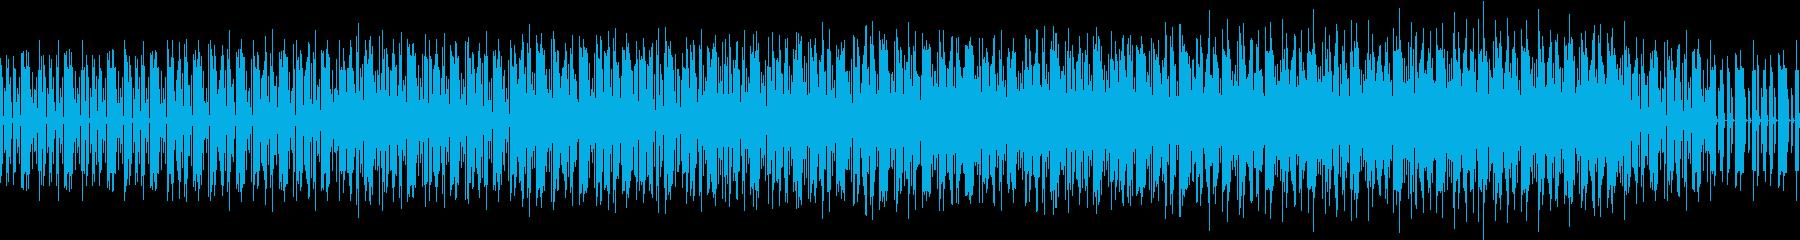 爽快な近未来SFハウスサウンドの再生済みの波形